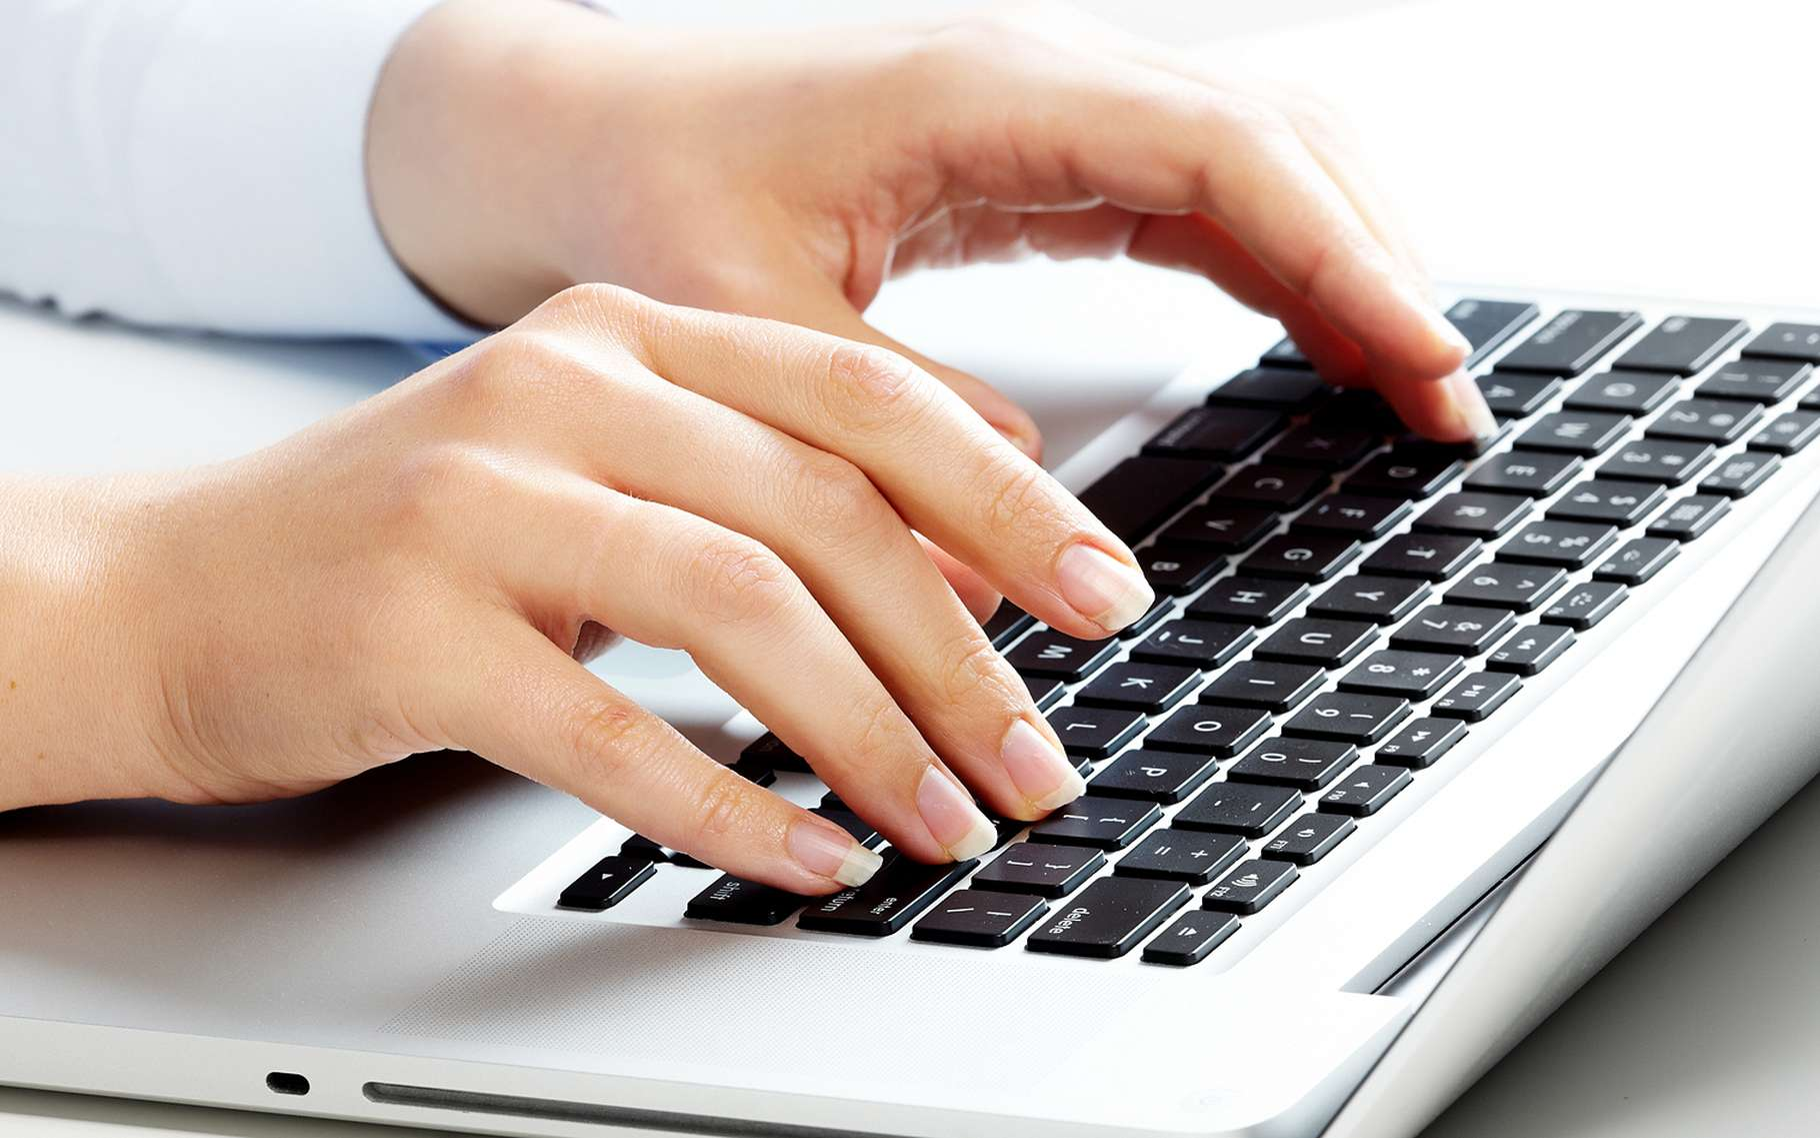 Les raccourcis clavier pour les majuscules accentuées varient selon l'ordinateur. © kurhan, Shutterstock